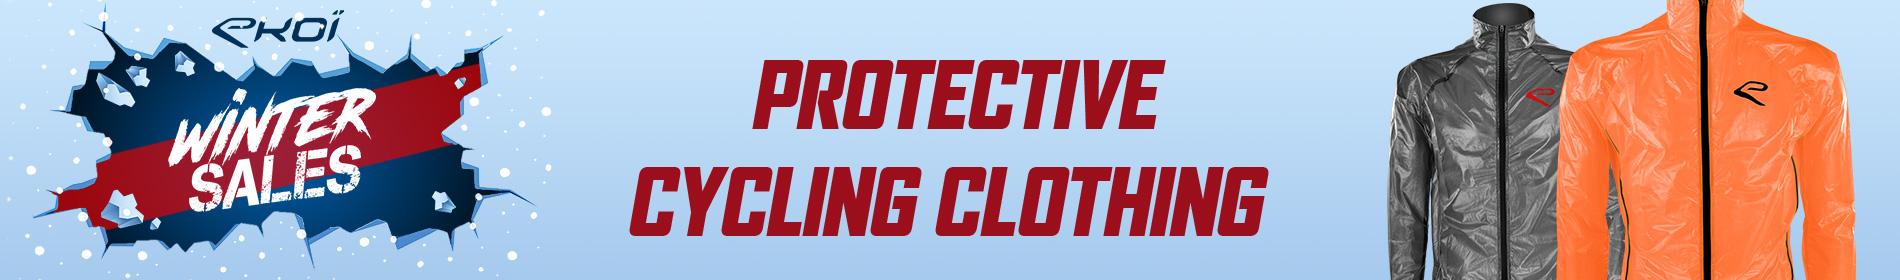 SOLDES EKOI Protection